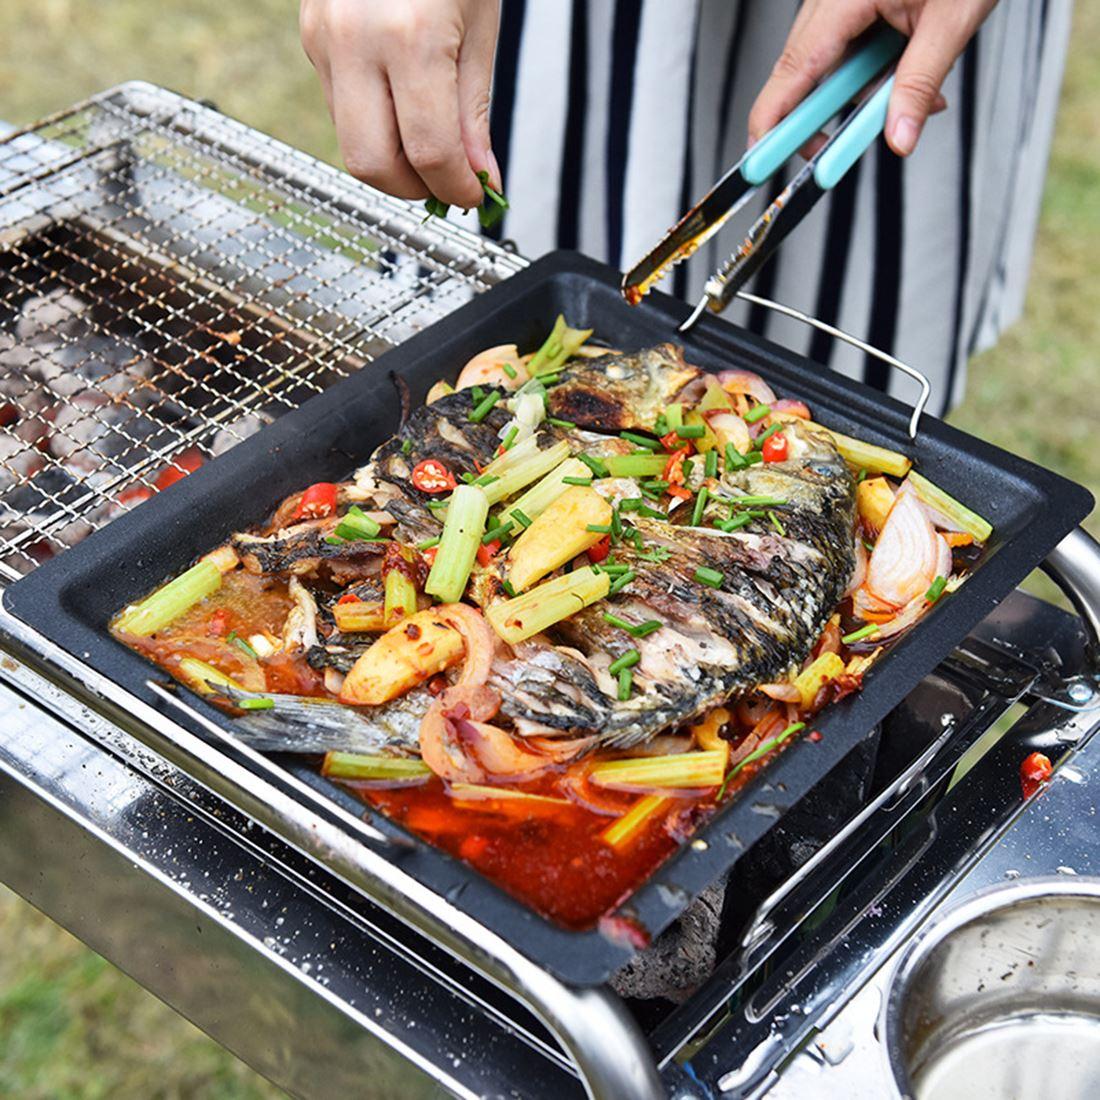 30x25cm churrasco frigideira grill pan antiaderente grill panelas para cozinha cozinhar churrasco coreano bbq grill placa não queimado-preto